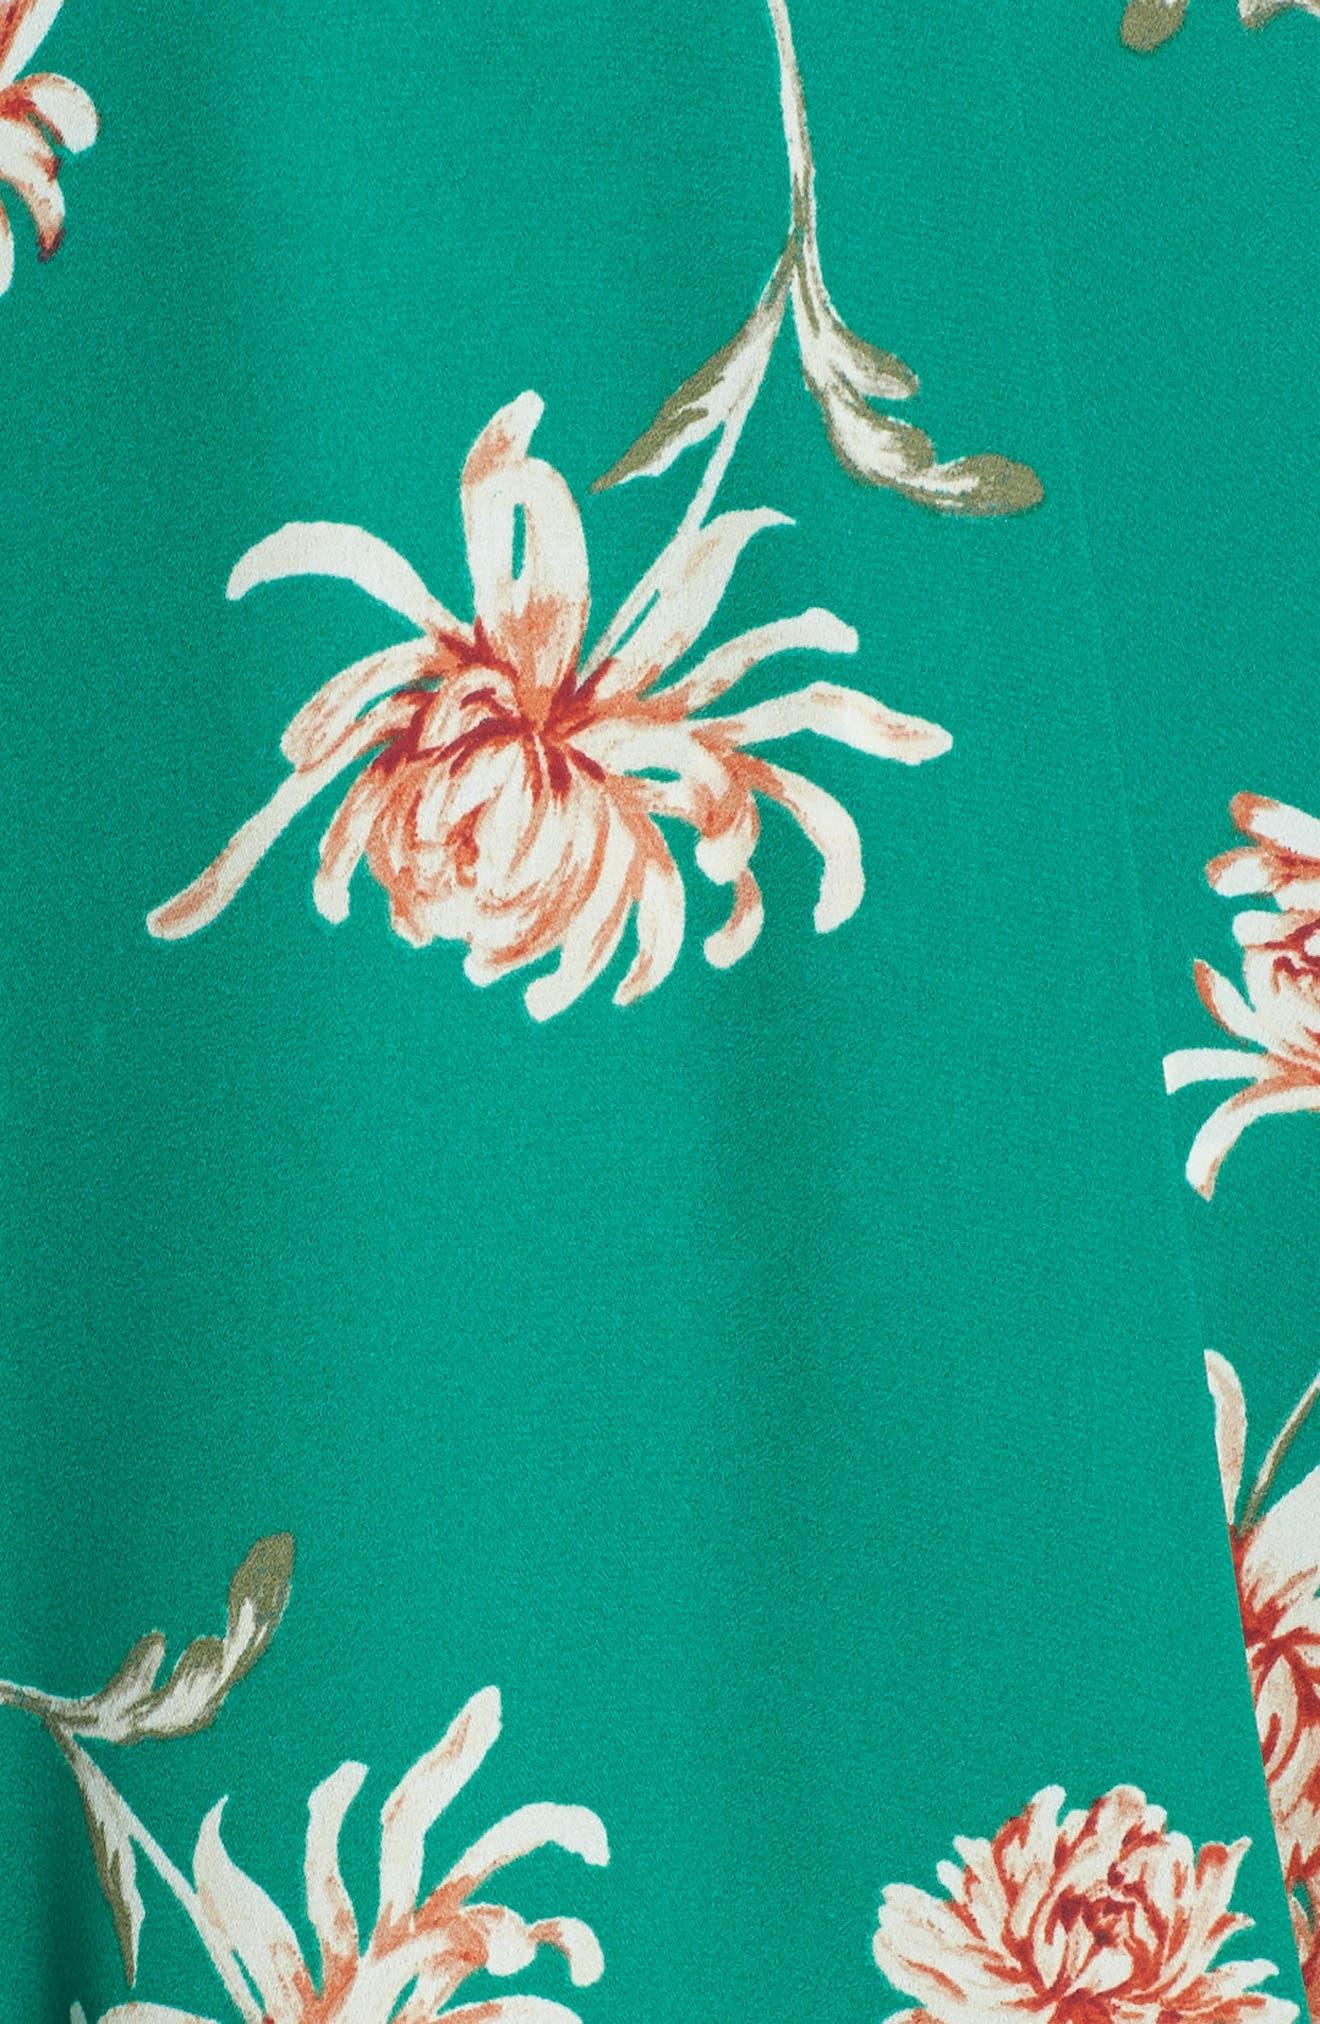 BB DAKOTA, Garden Strolls Blossom Party Minidress, Alternate thumbnail 6, color, PEPPER GREEN